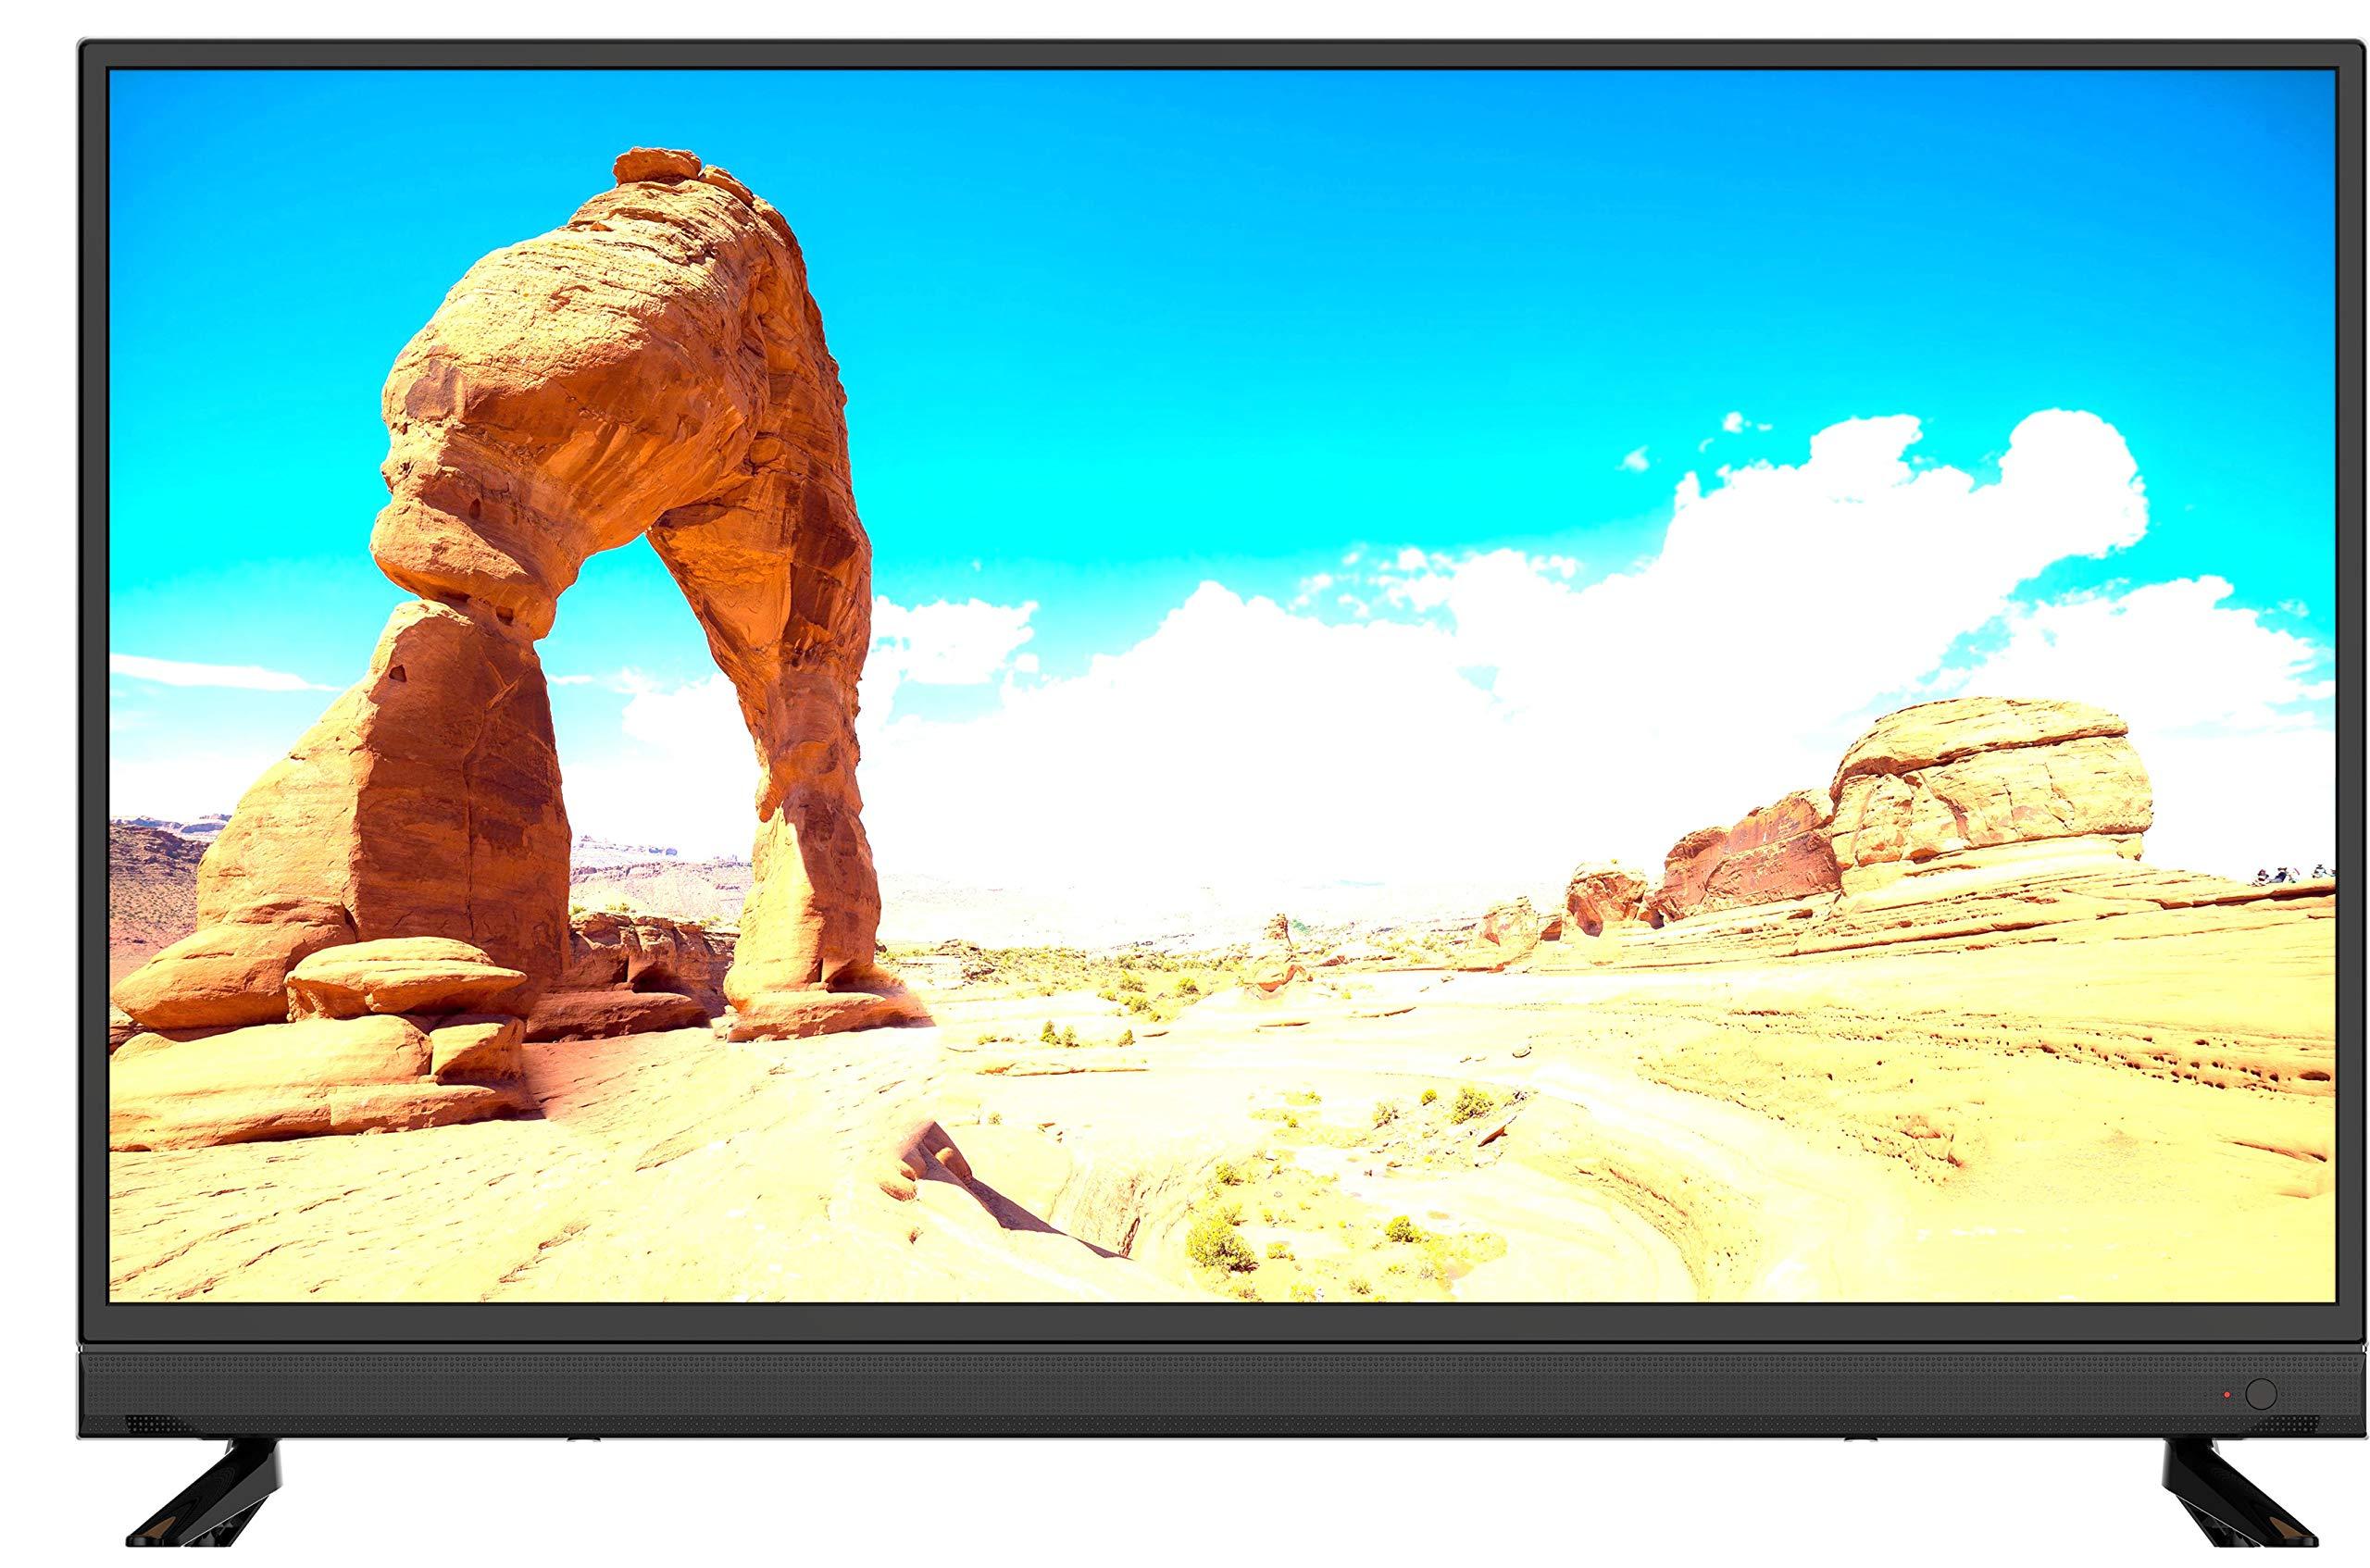 Linsar 40SB100 - Televisor 2 en 1 TV+Soundbar de 40 pulgadas con barra de sonido integrada, mejora y maximiza nuestra experiencia de televisión, FHD, HDMI, USB, eficiencia energética A: Amazon.es: Electrónica